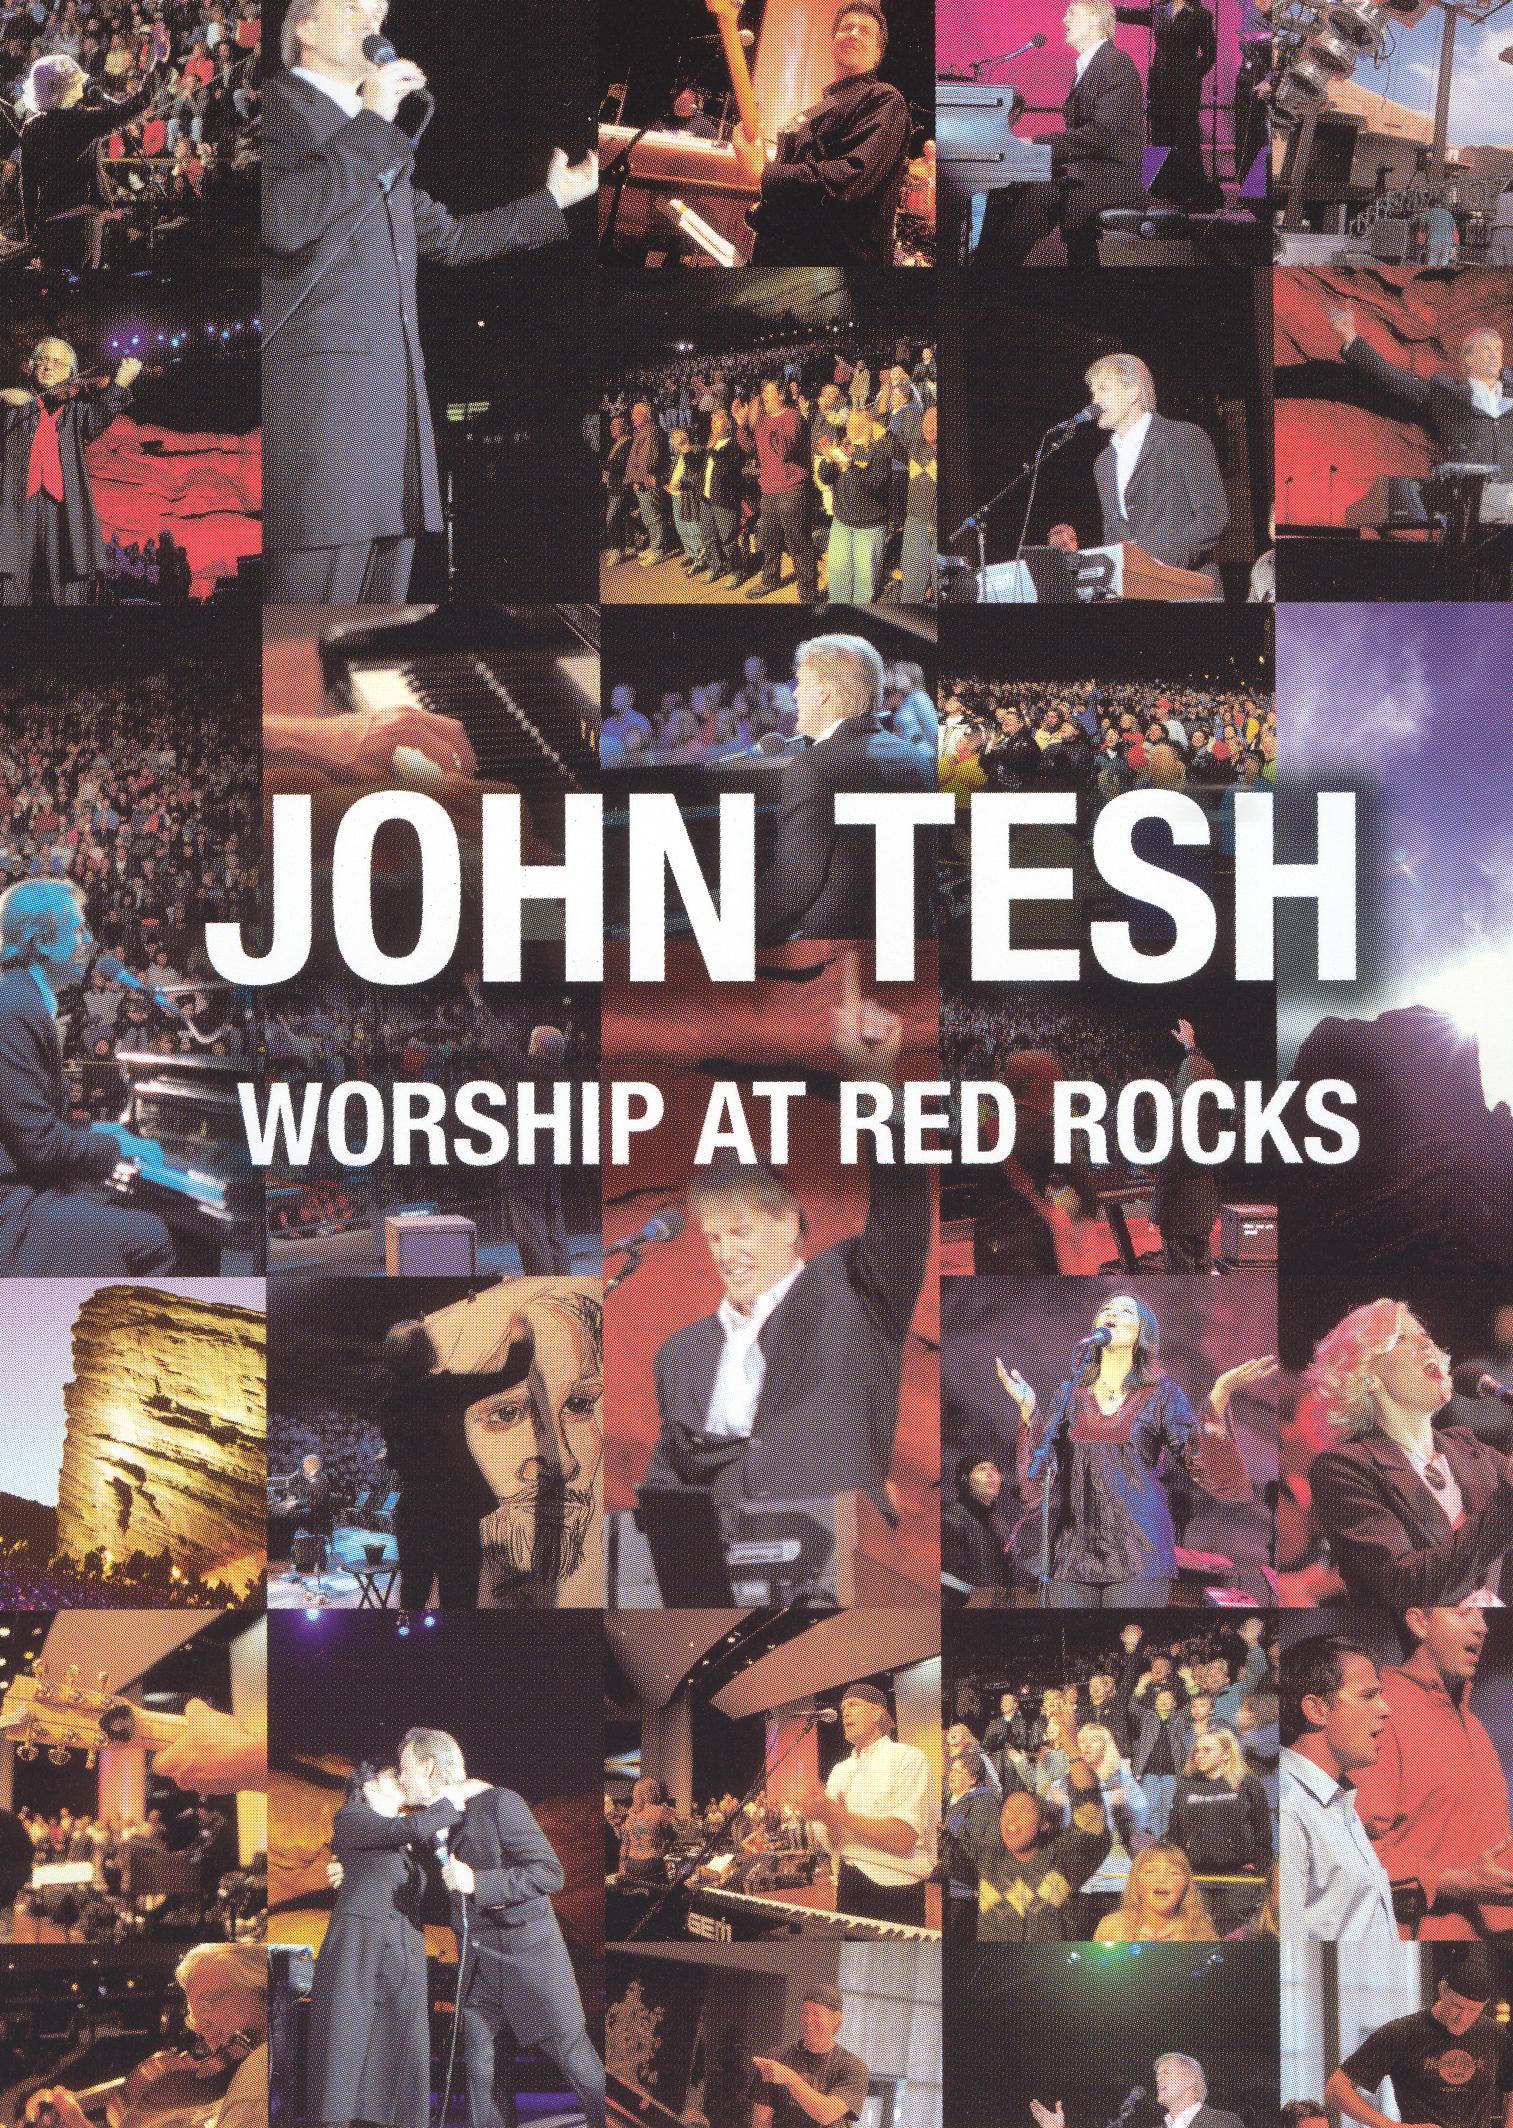 John Tesh: Worship at Red Rocks